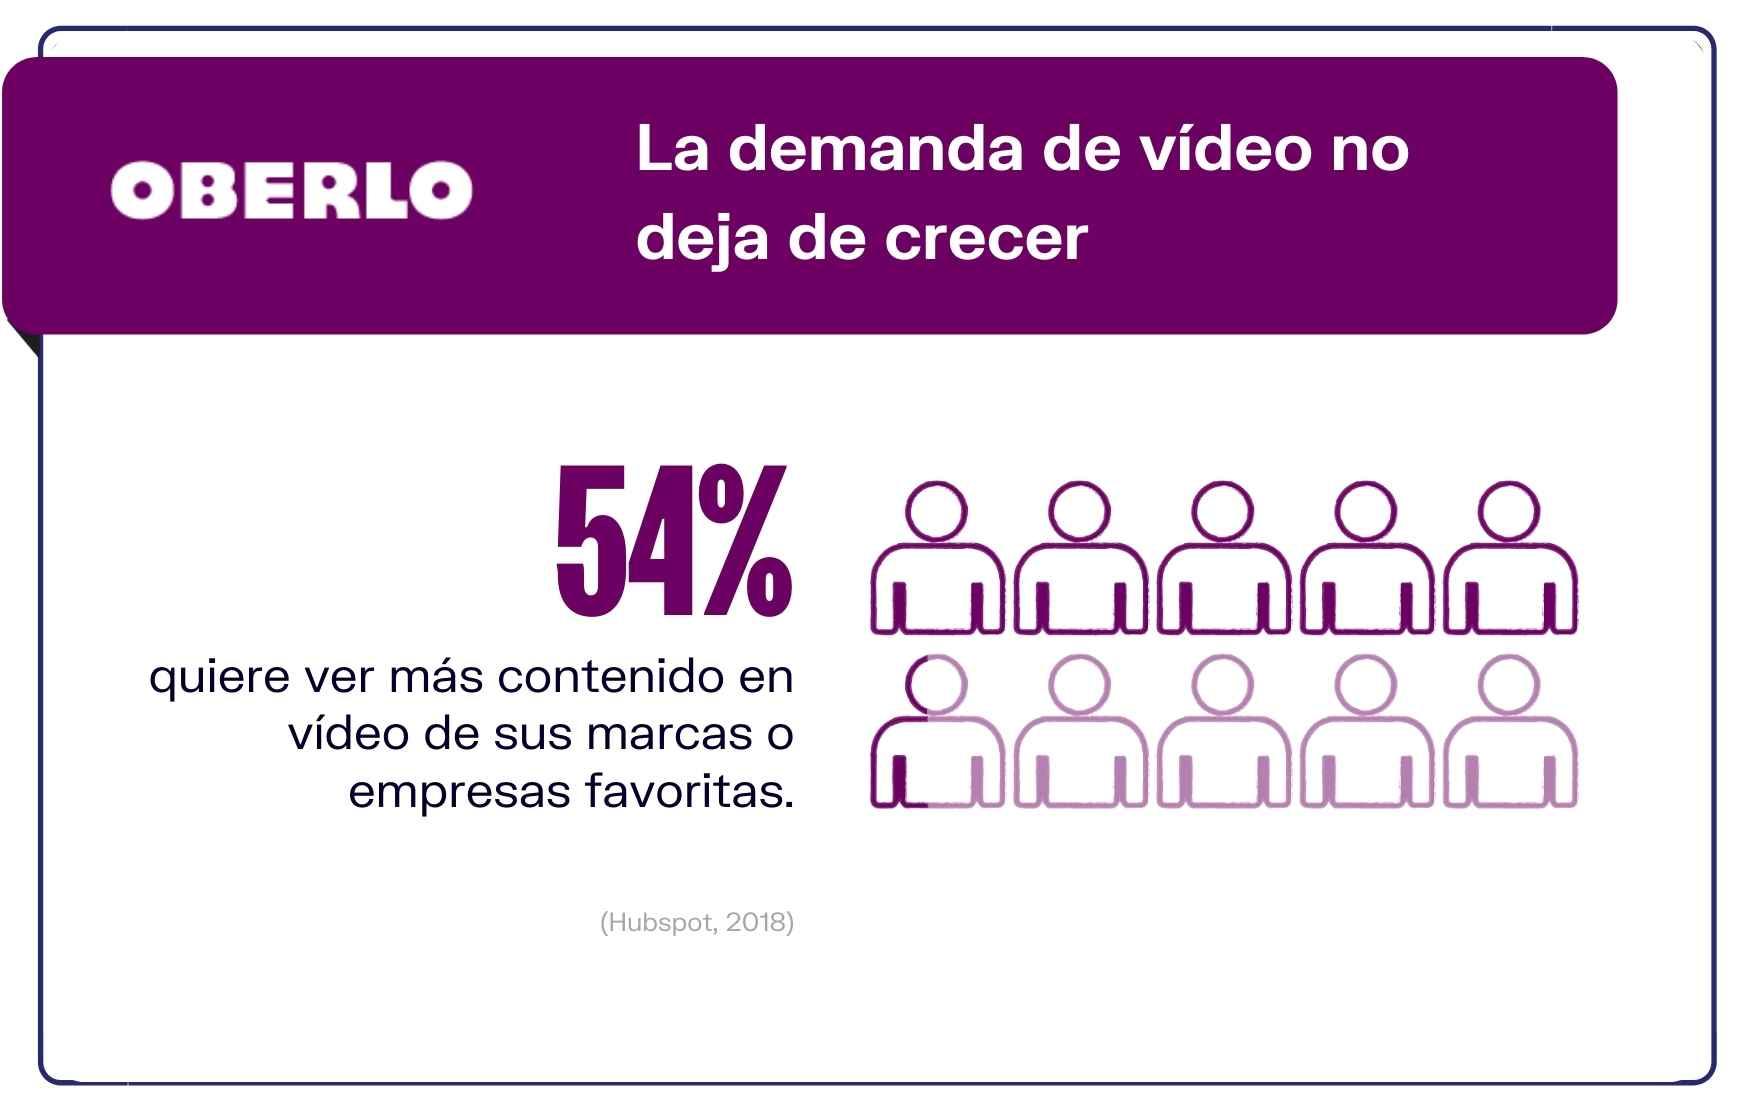 Video marketing en cifras